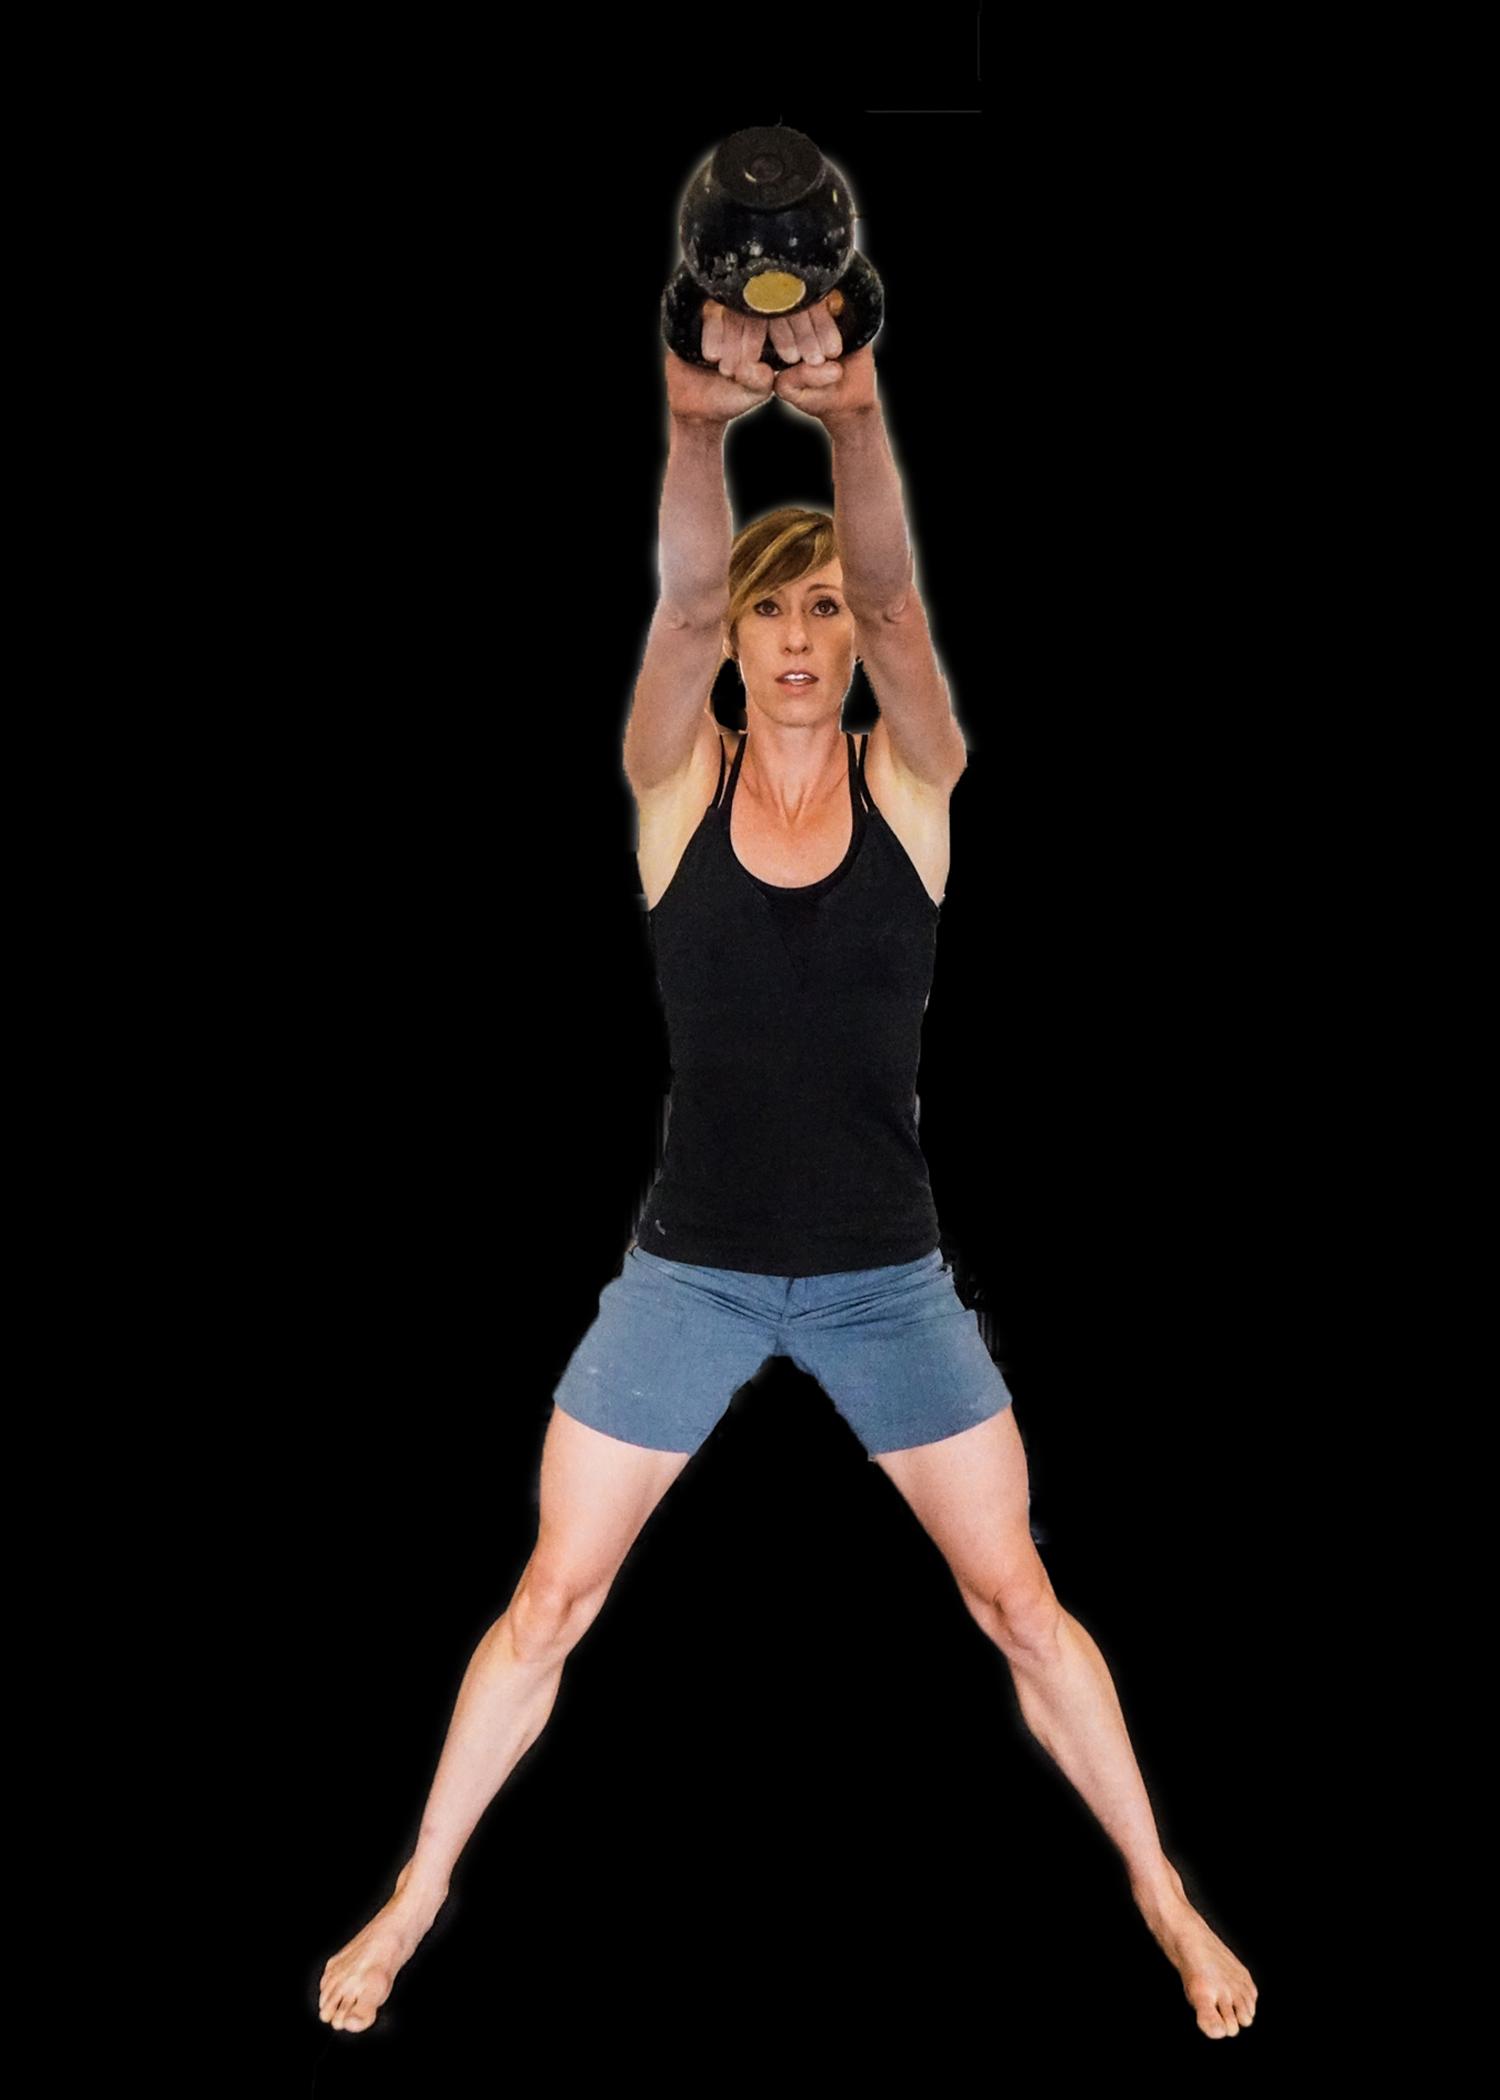 Heidi's legs - stronger than ever.